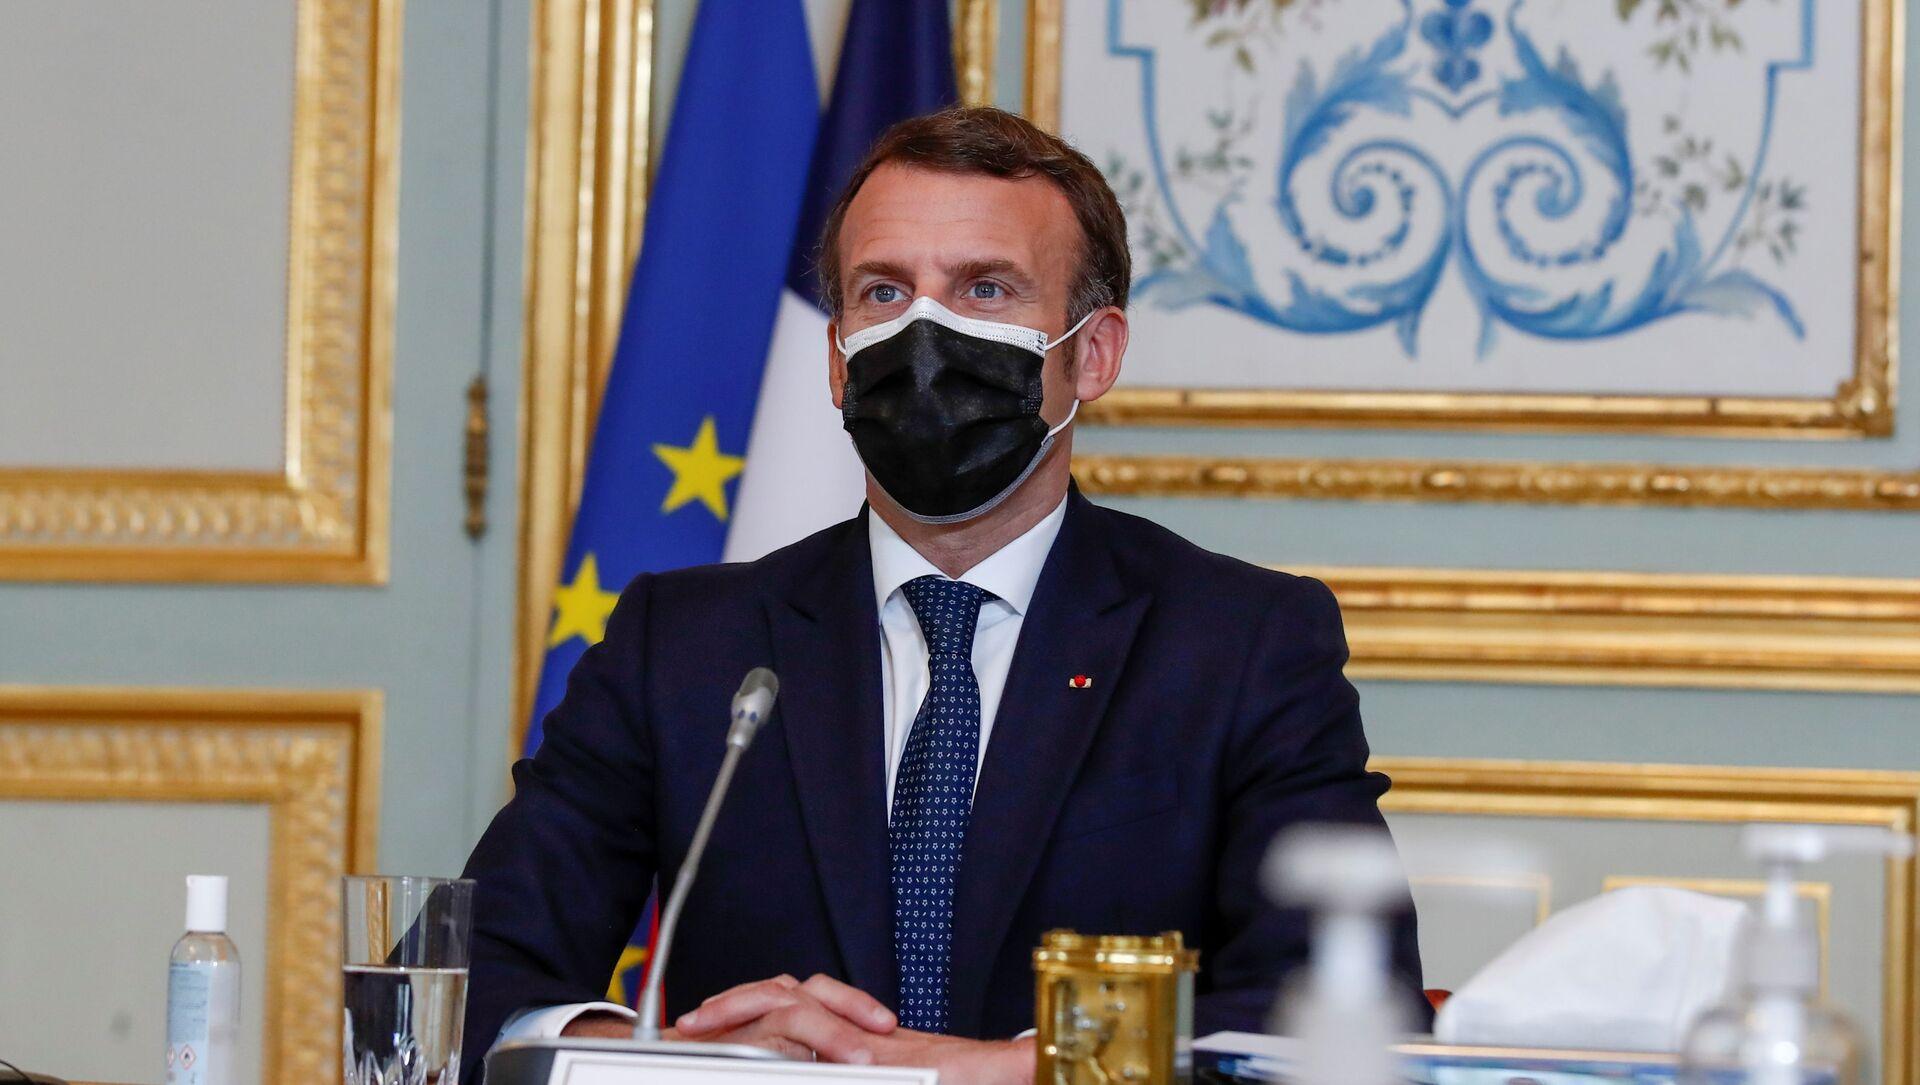 Emmanuel Macron, archives - Sputnik France, 1920, 04.04.2021